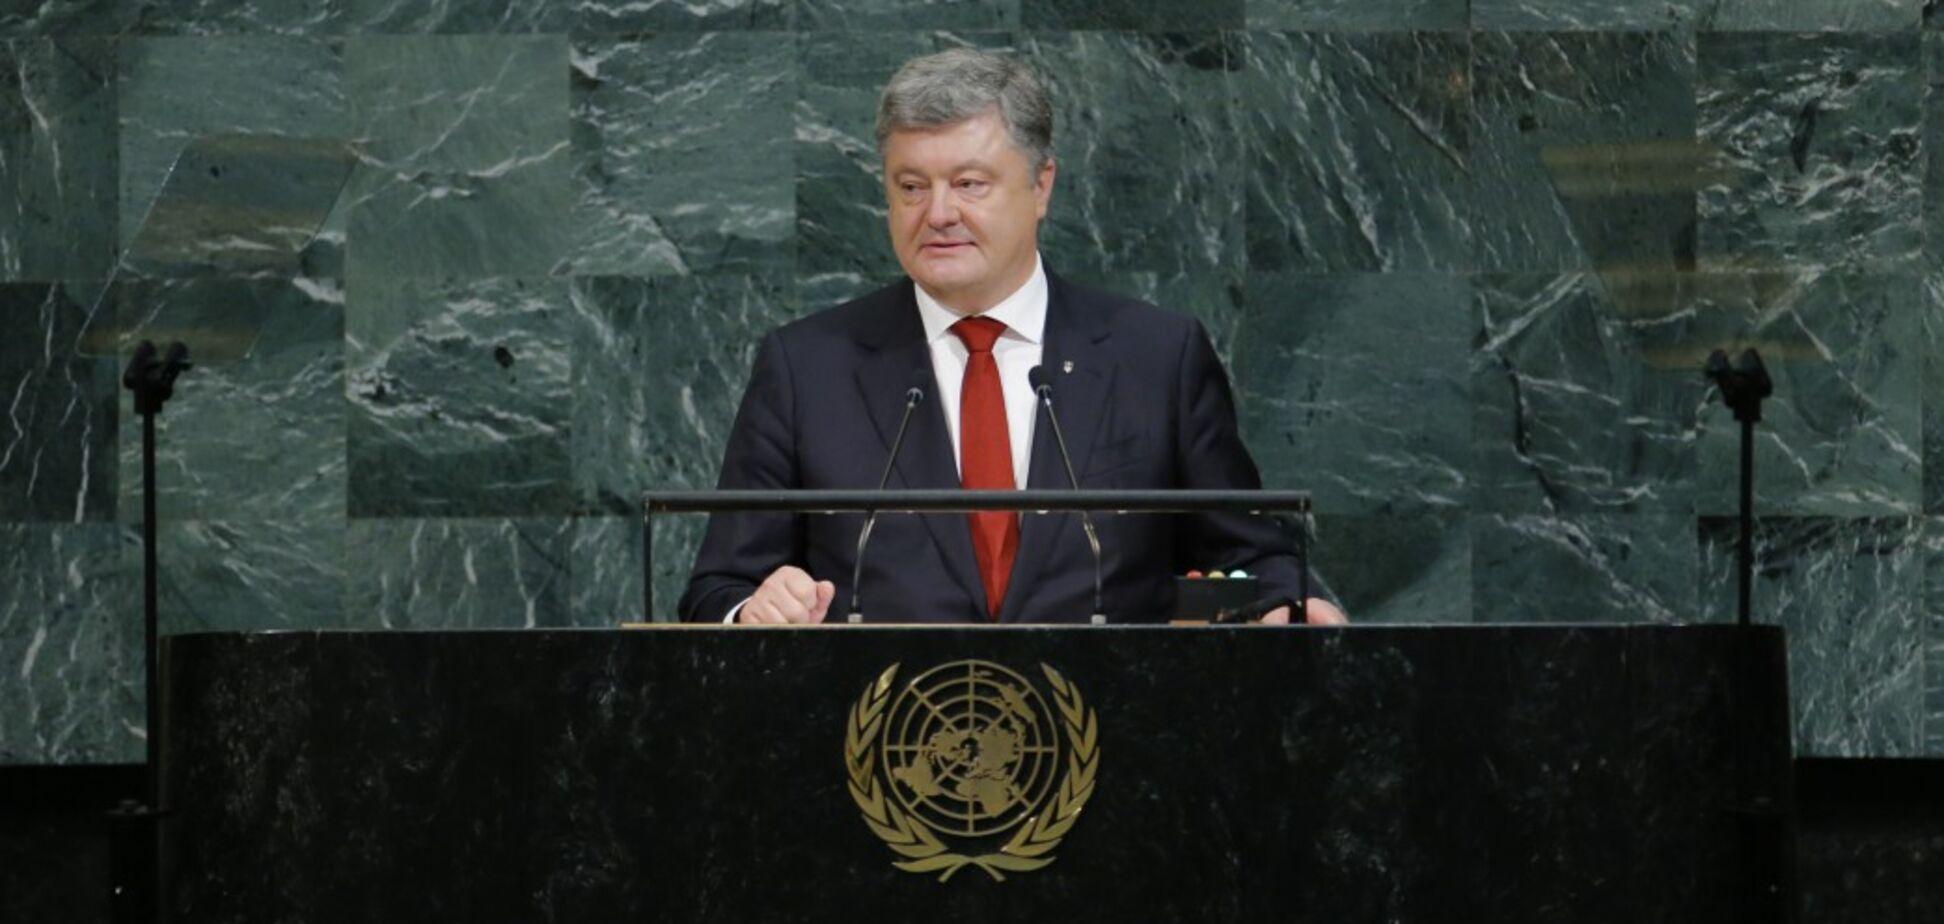 'Украина хочет мира': все подробности выступлений Порошенко в ООН